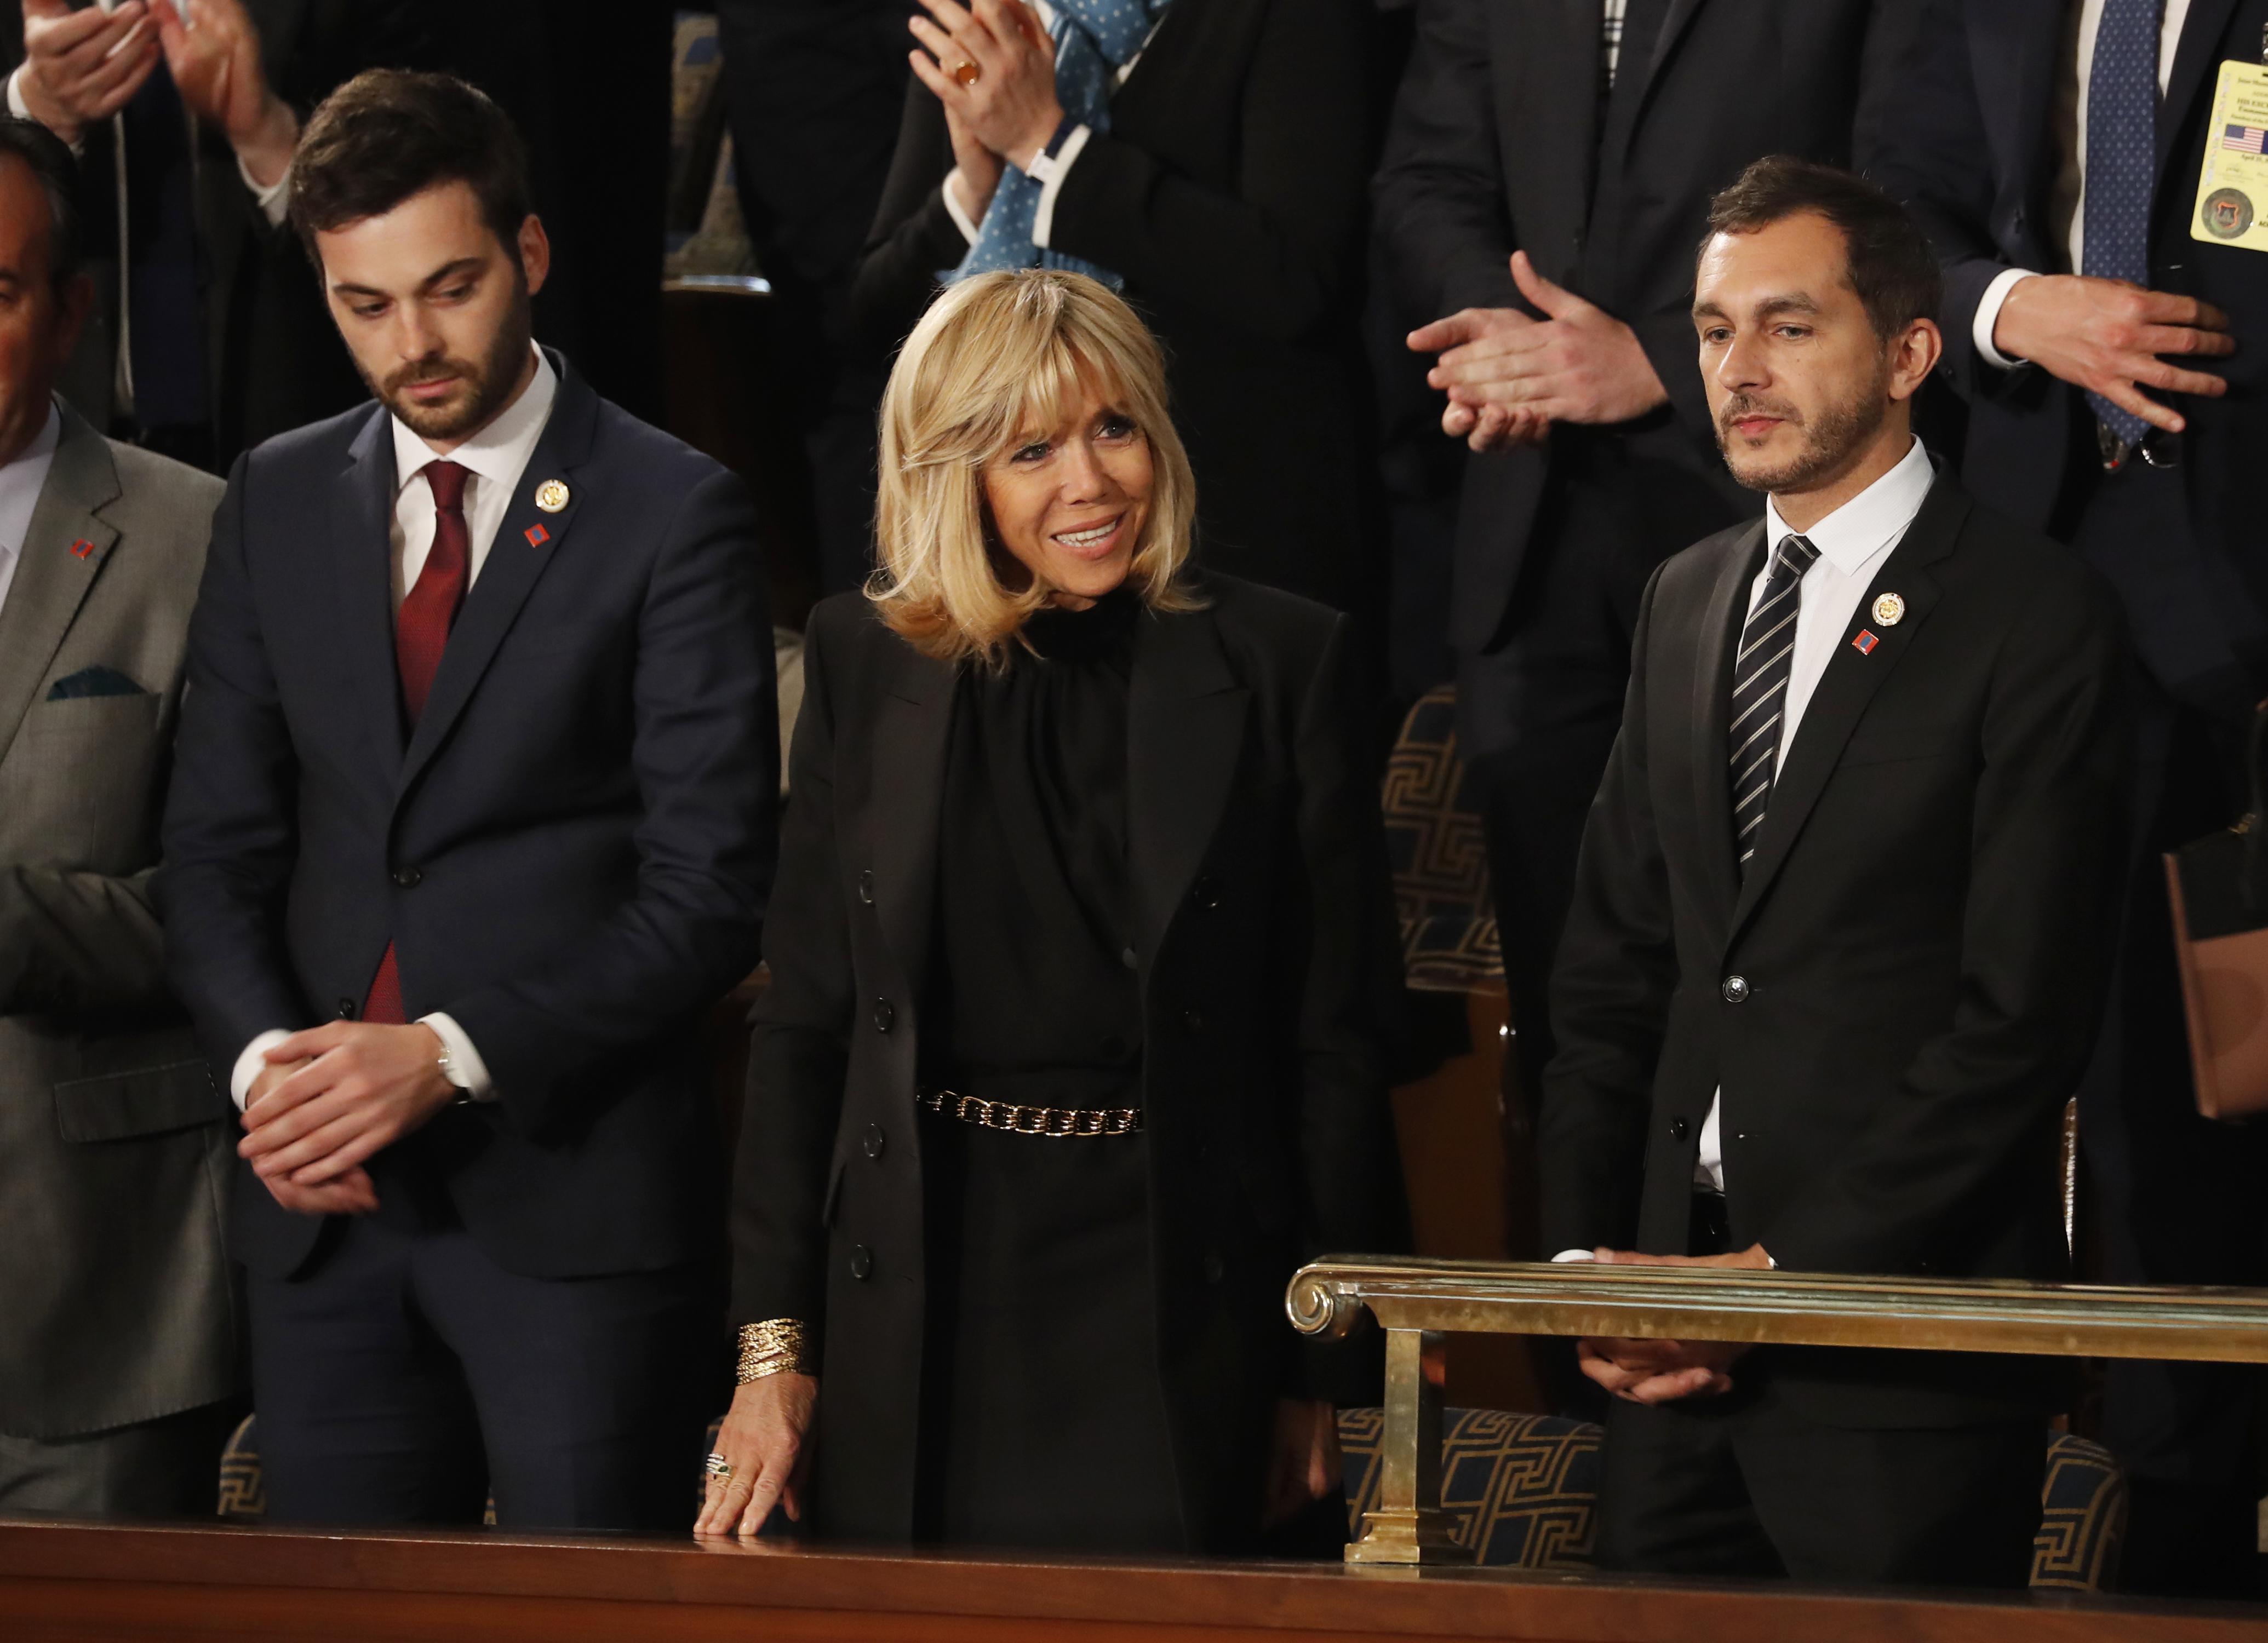 زوجة ماكرون بريجيت في الكونغرس